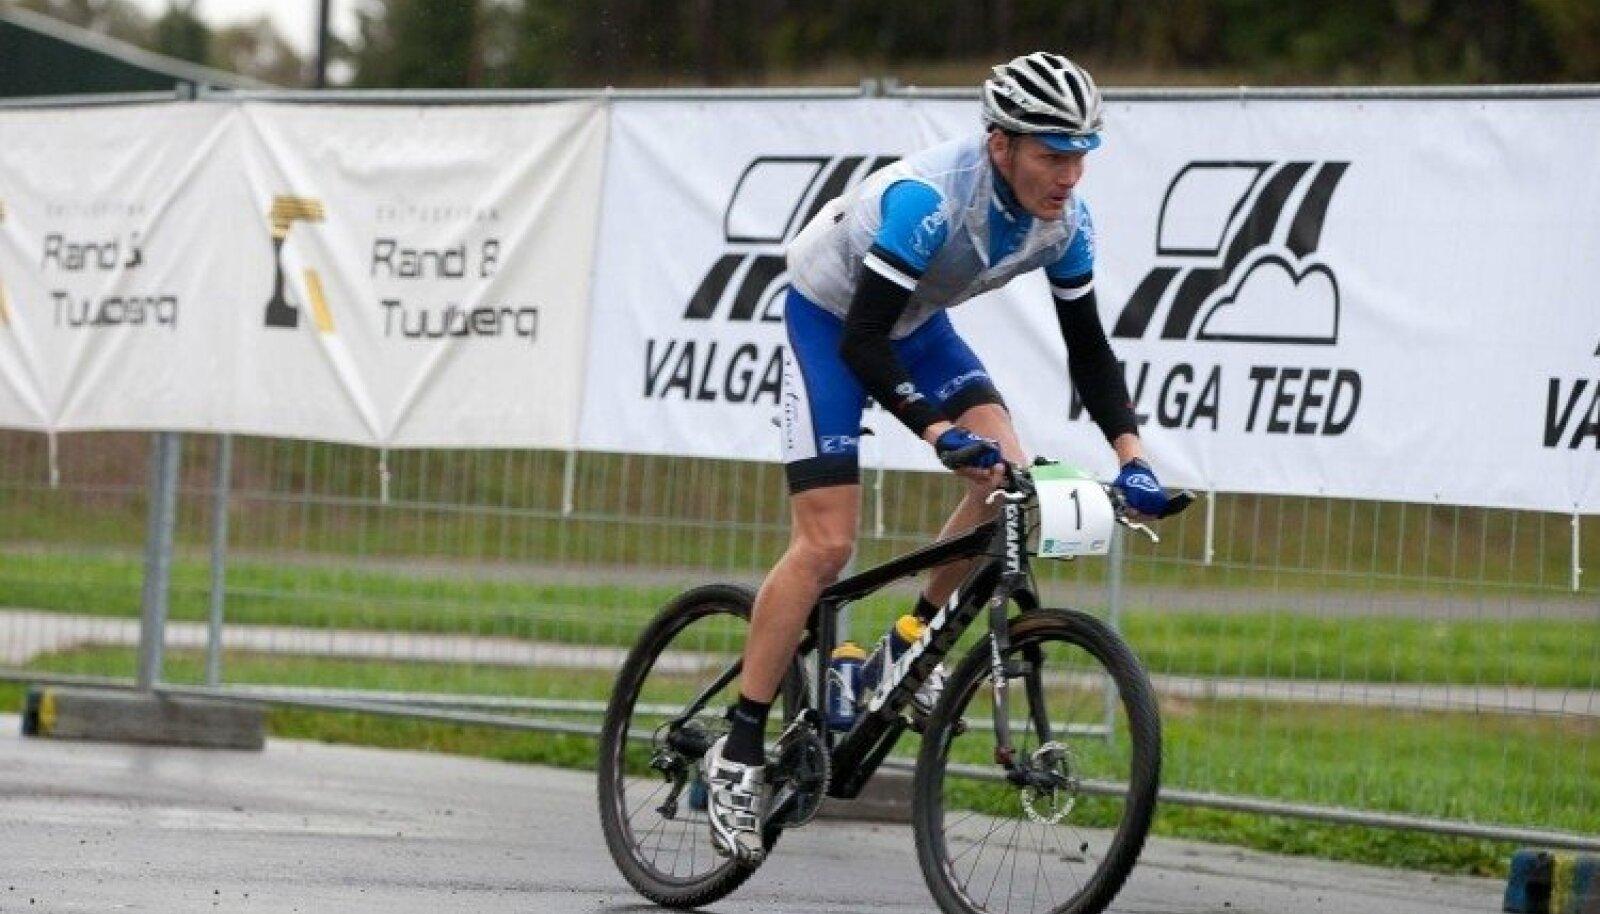 Pühapäeval toimus Lõuna-Eestis juba 13. SEB Tartu Rattamaraton, mille kolmikvõit läks eestlastele. Vihmases ilmas võttis esikoha Tanel Kangert, teiseks tuli Erki Pütsep ja kolmandaks mullune võitja Allan Oras.